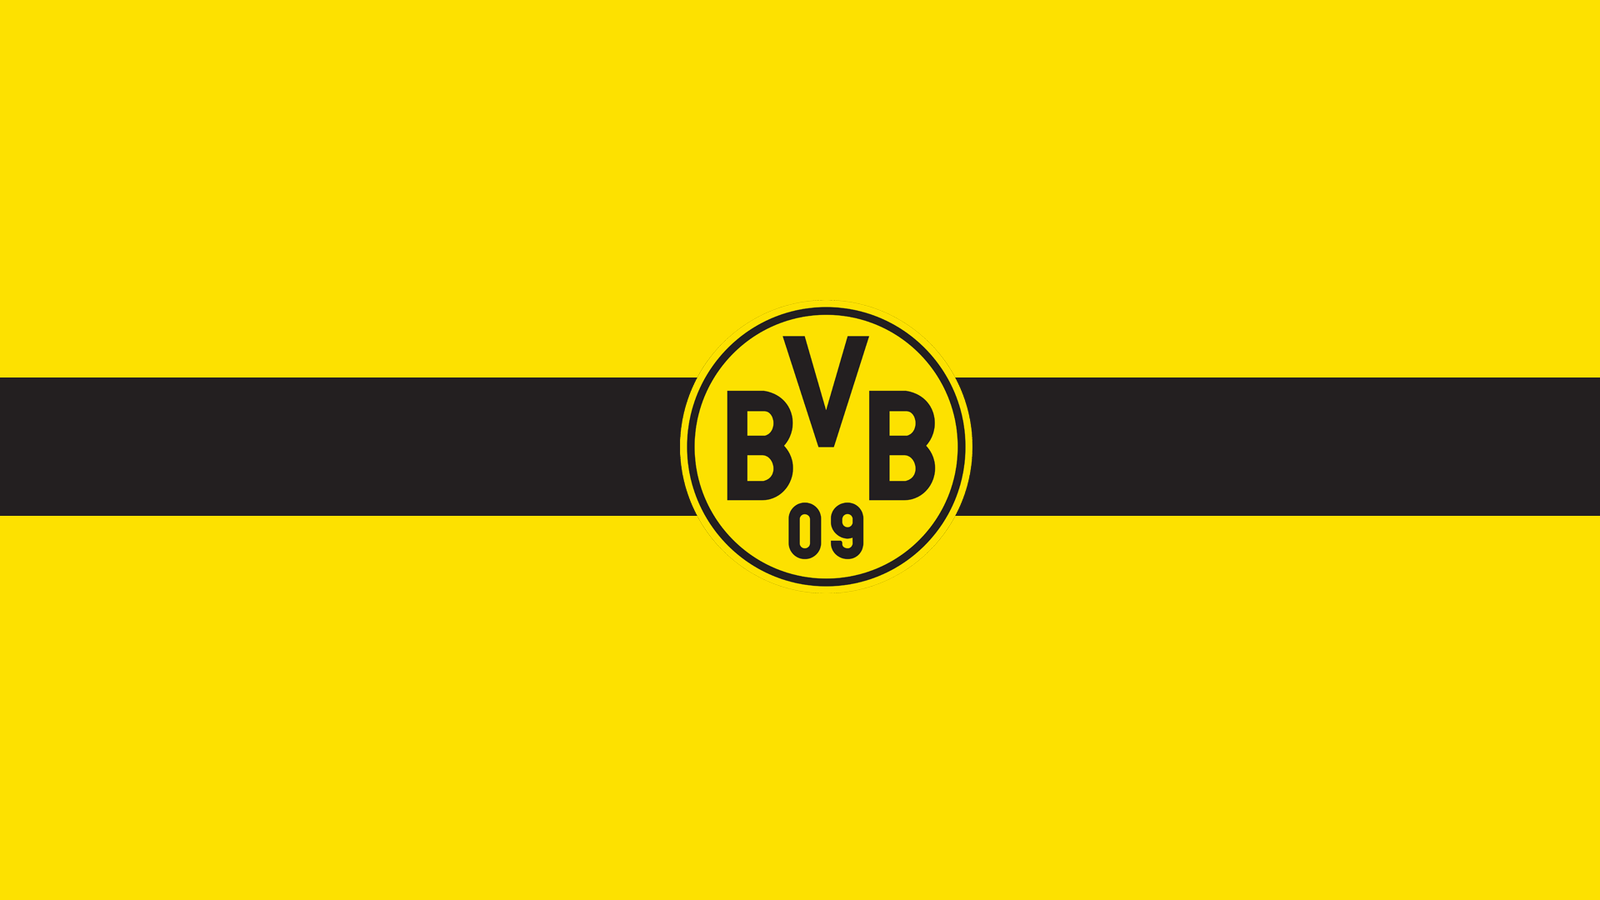 Bvb 09 wallpaper hd